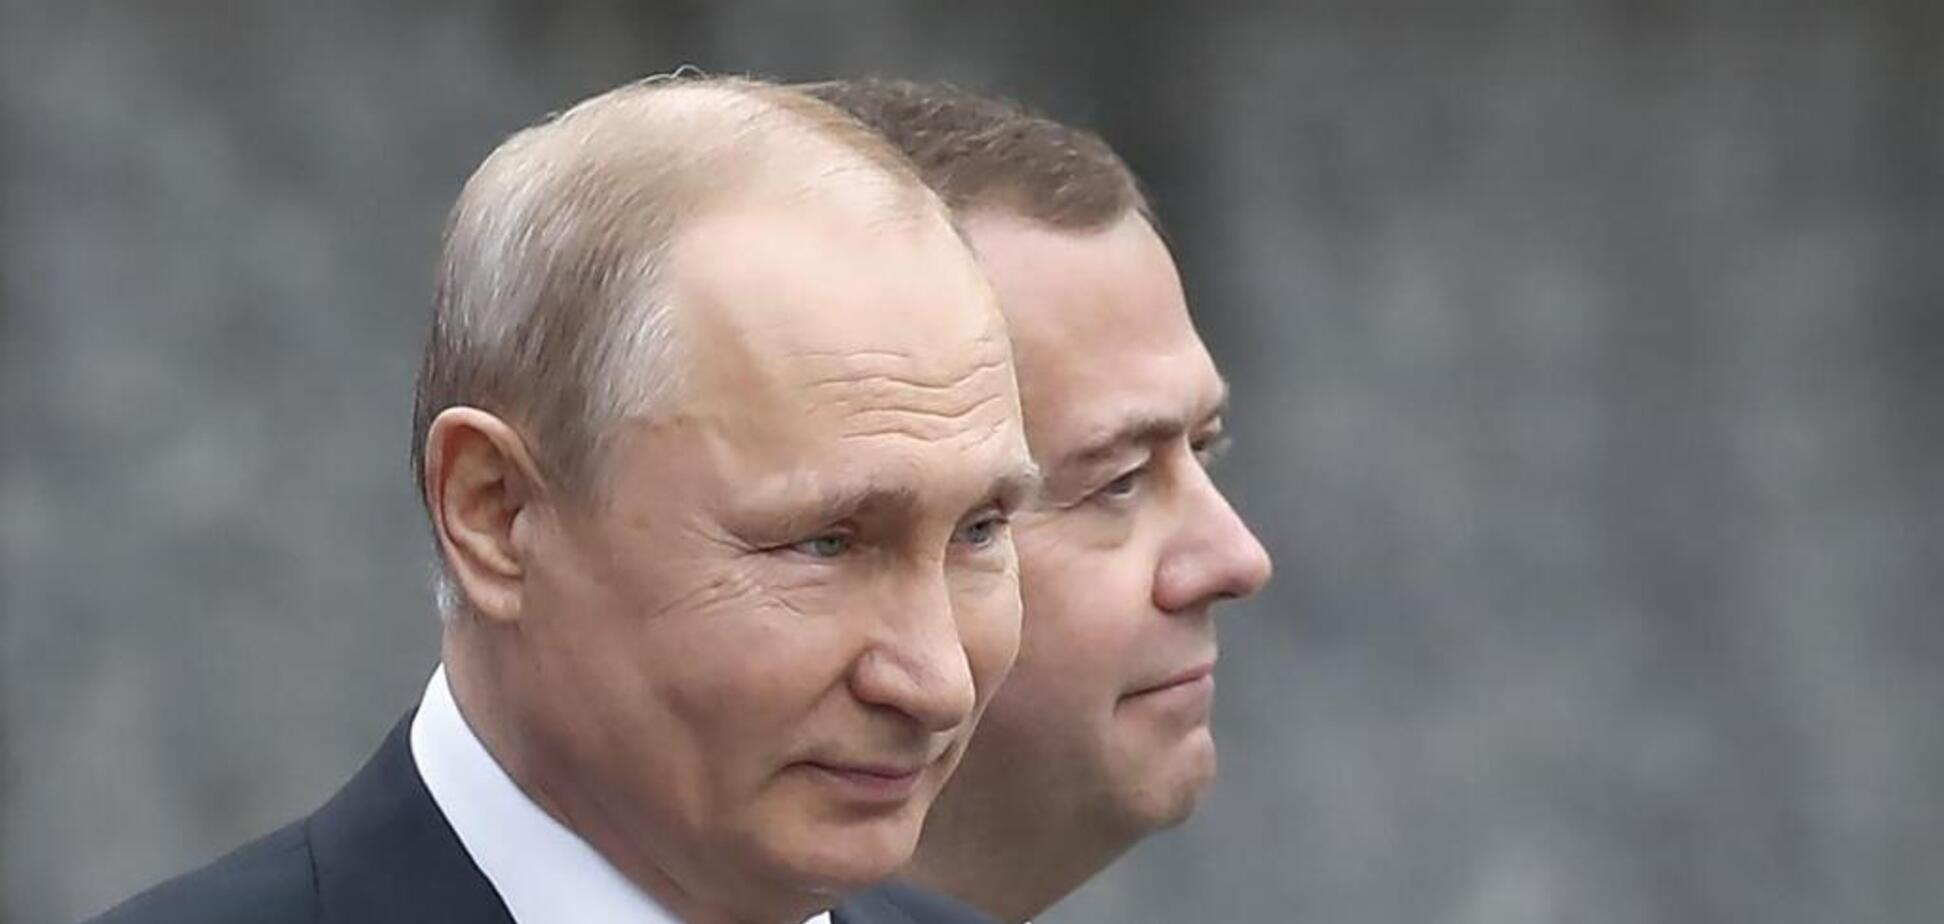 'Київ — російська столиця': Путін на параді виступив із зухвалою претензією